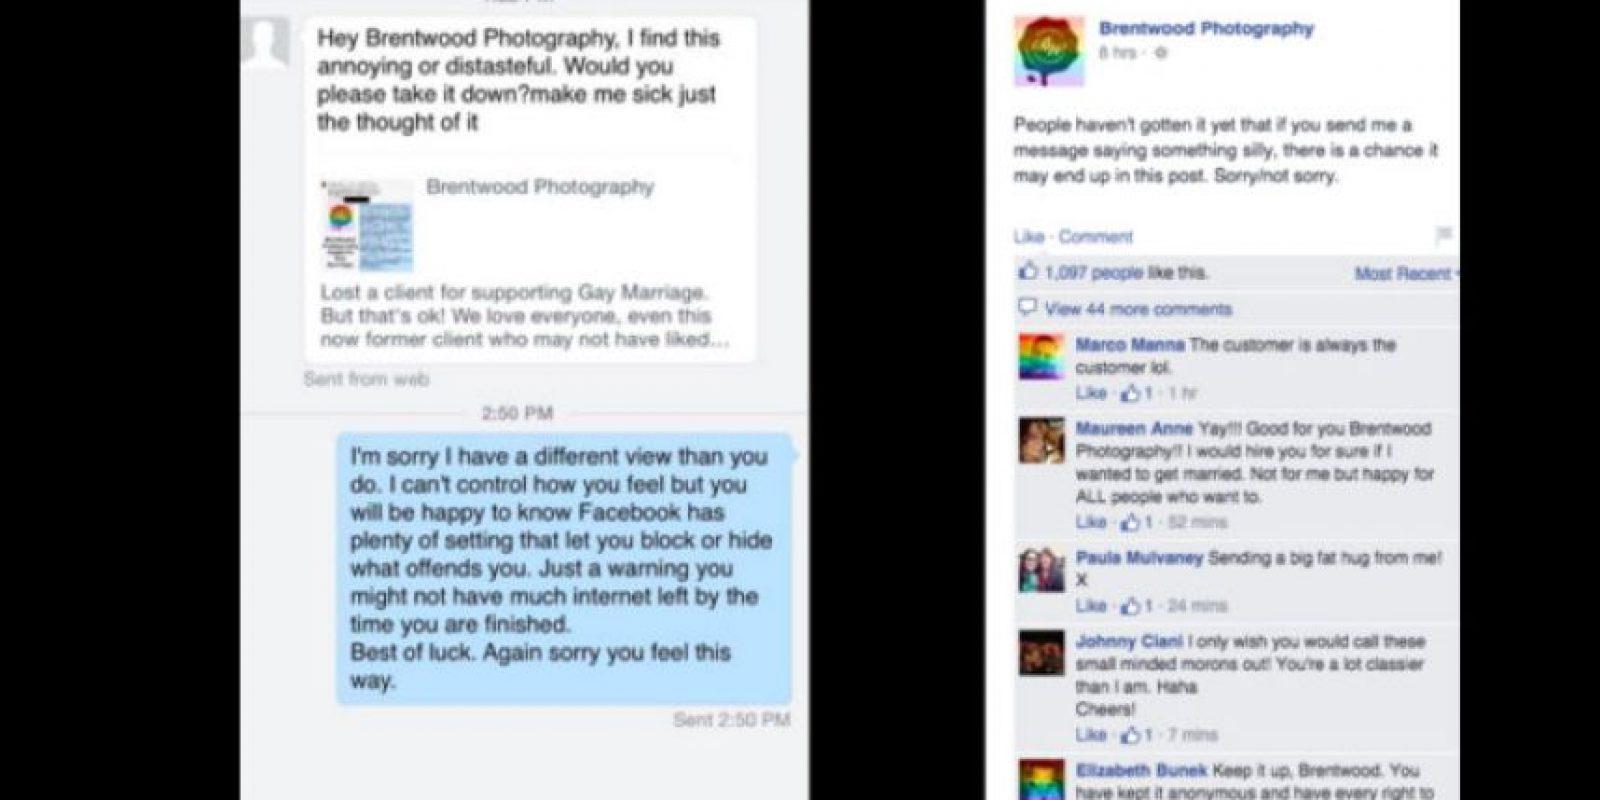 Como la imagen del primer cliente se hizo viral, este le pidió a Brentwood borrar la conversación, pero él la hizo pública. Foto:vía Facebook/Brentwood Photography